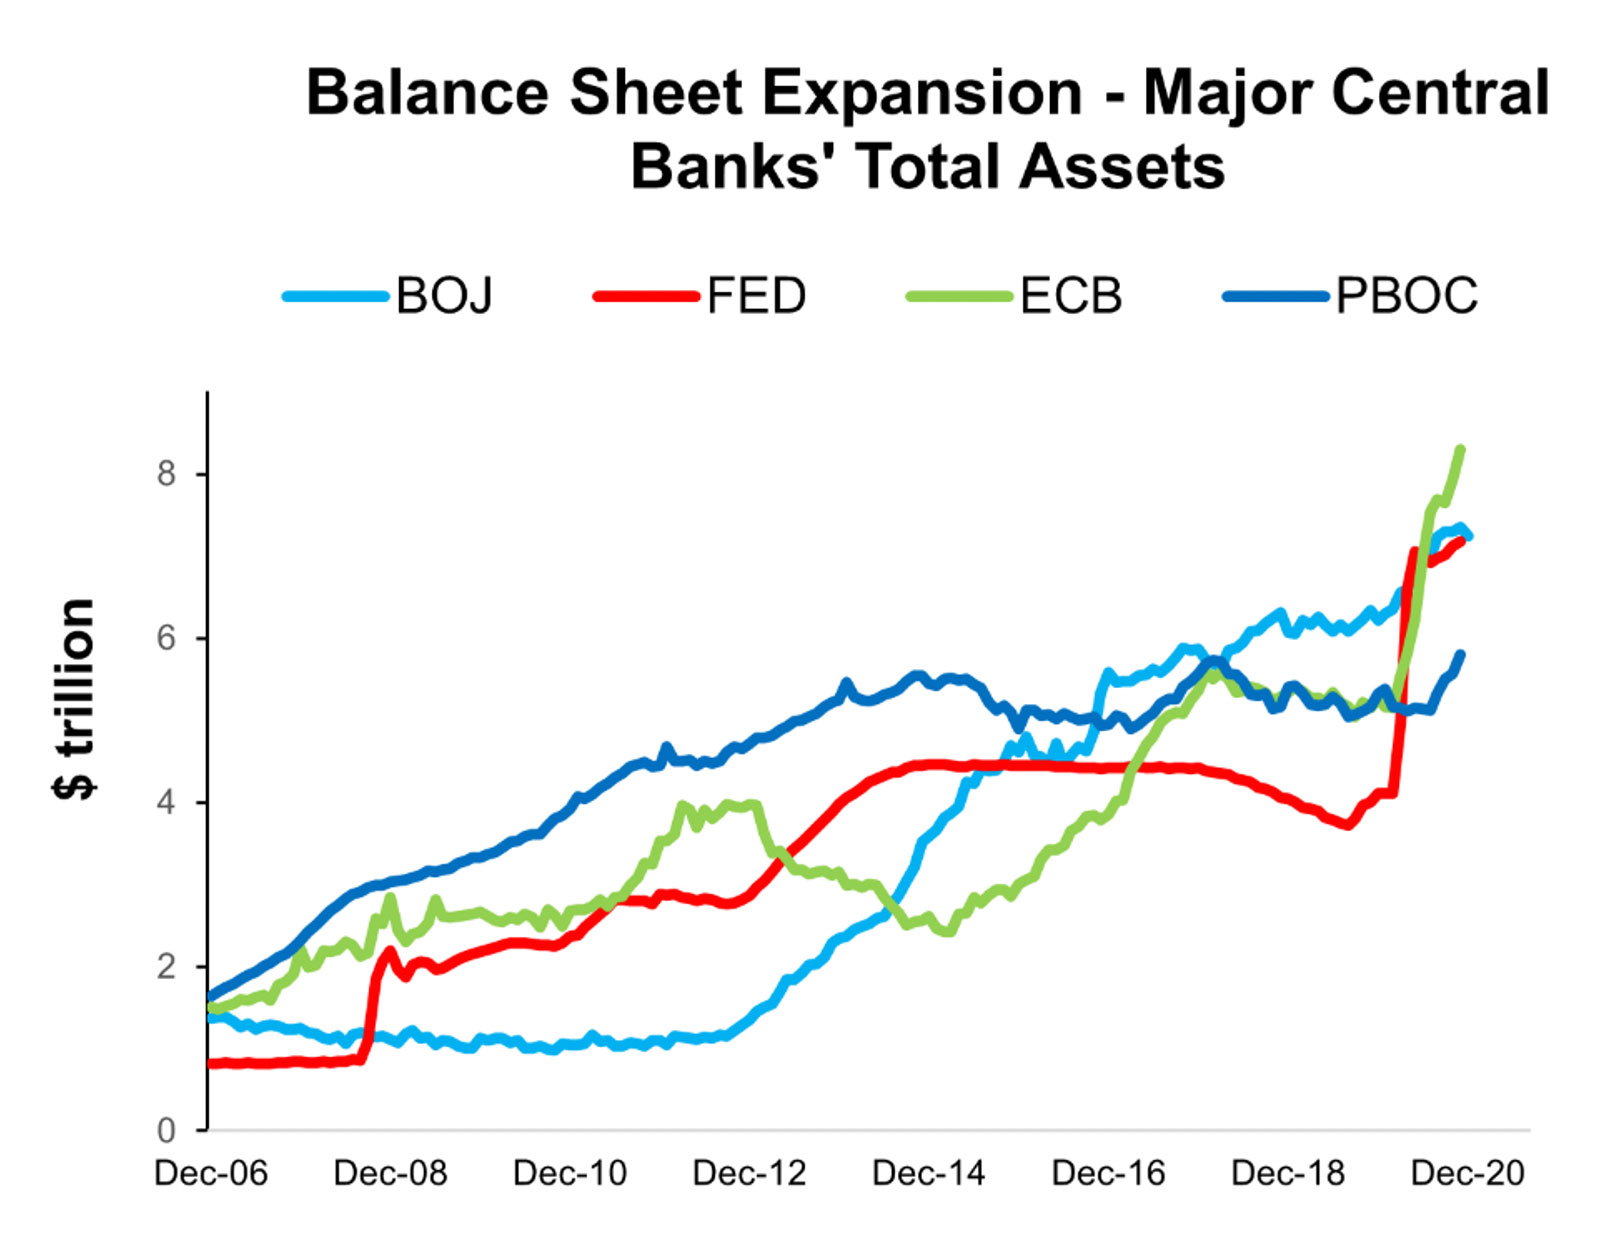 Balance Sheet Expansion - Major Banks' Total Assets